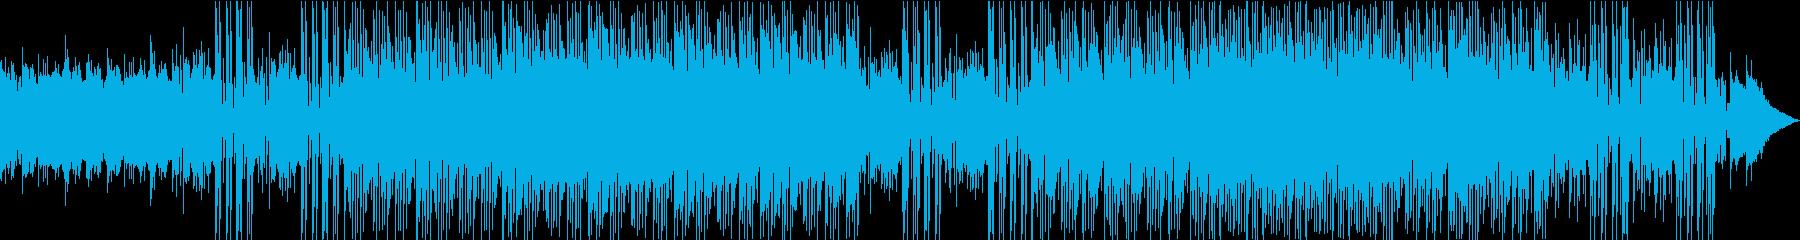 「夜の雰囲気のテクノ」の再生済みの波形